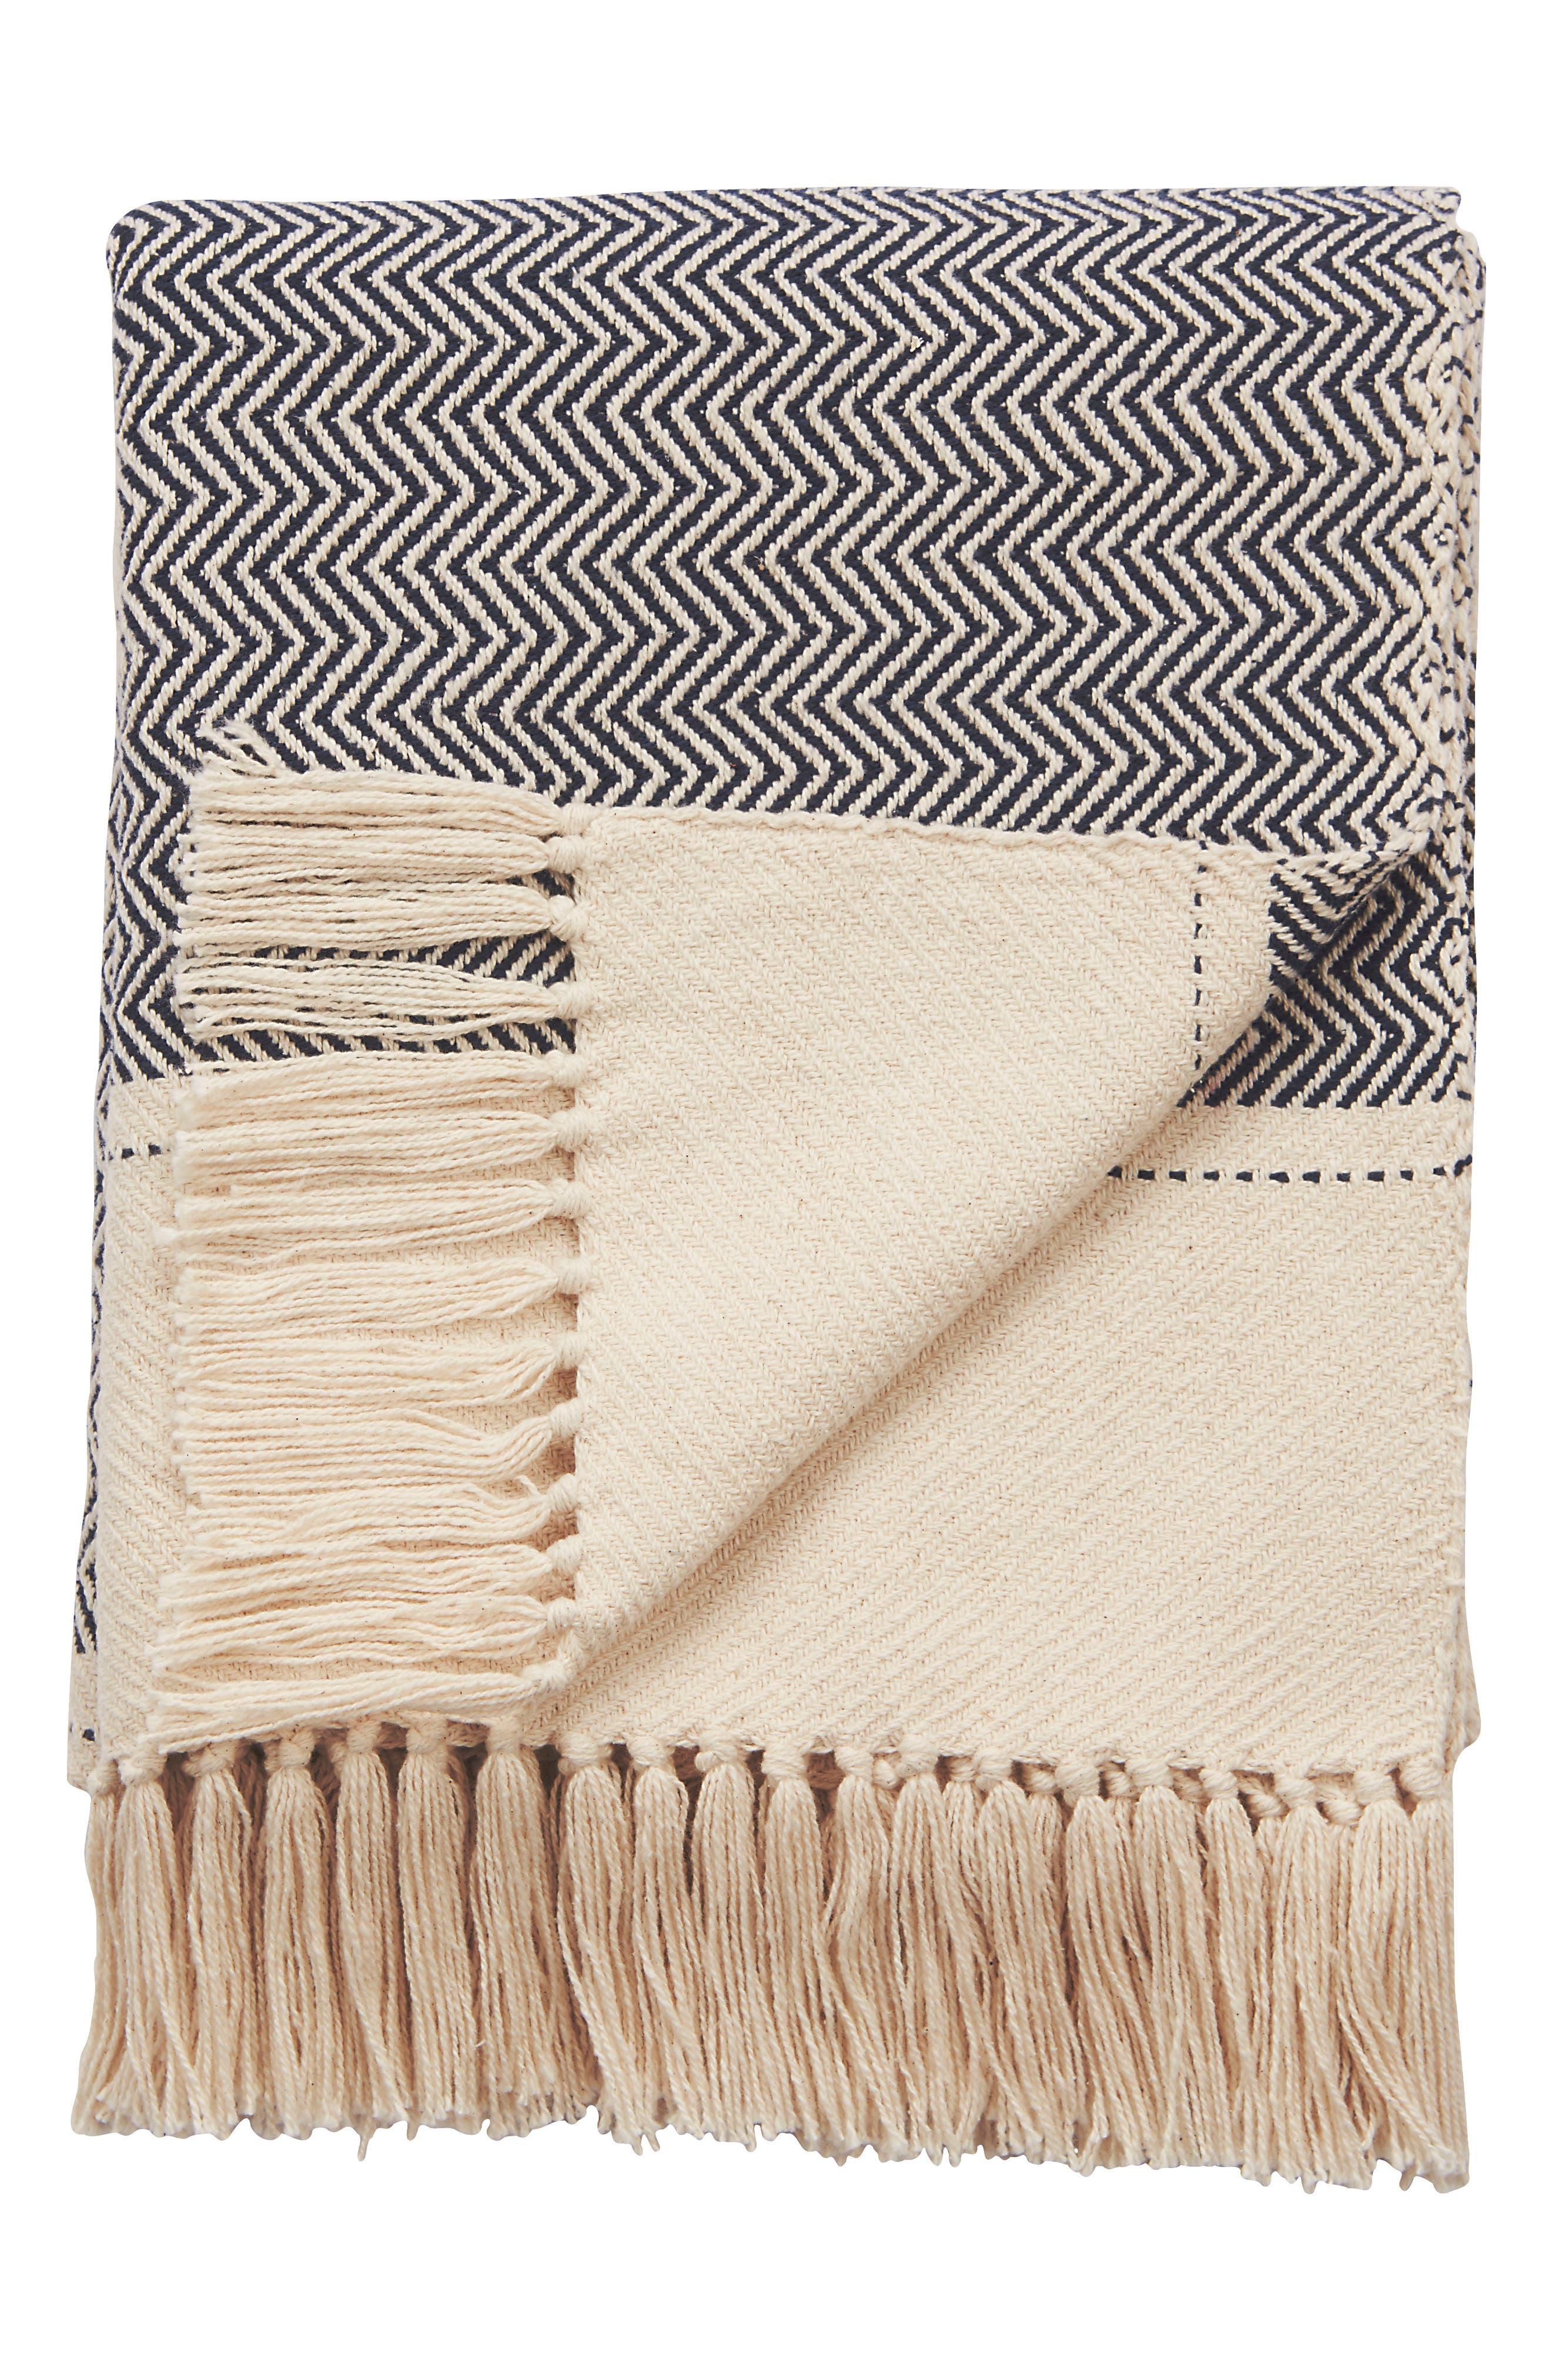 Spirit Hand Loomed Throw Blanket,                         Main,                         color, BLACK/ WHITE